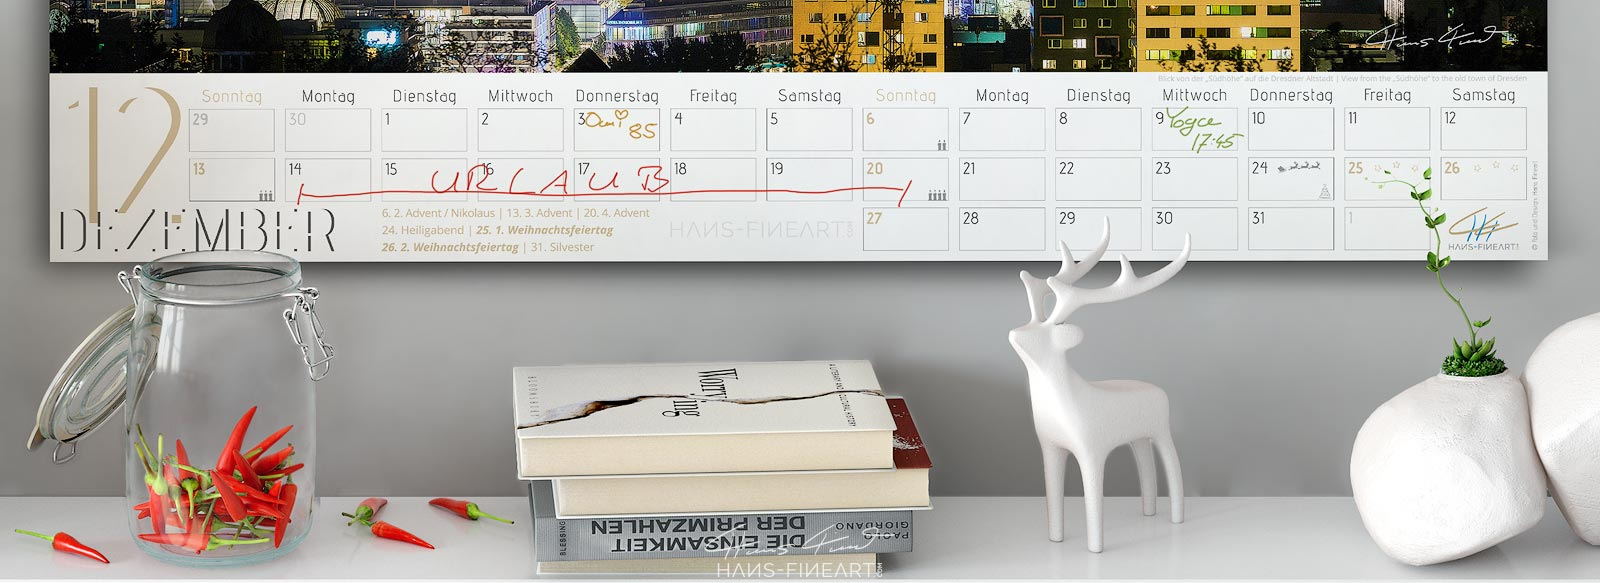 Monatsbild Dezember vom Wandkalender Dresden Im Wandel der Jahreszeiten 2020. Ansicht des beschreibbaren Kalendariums.